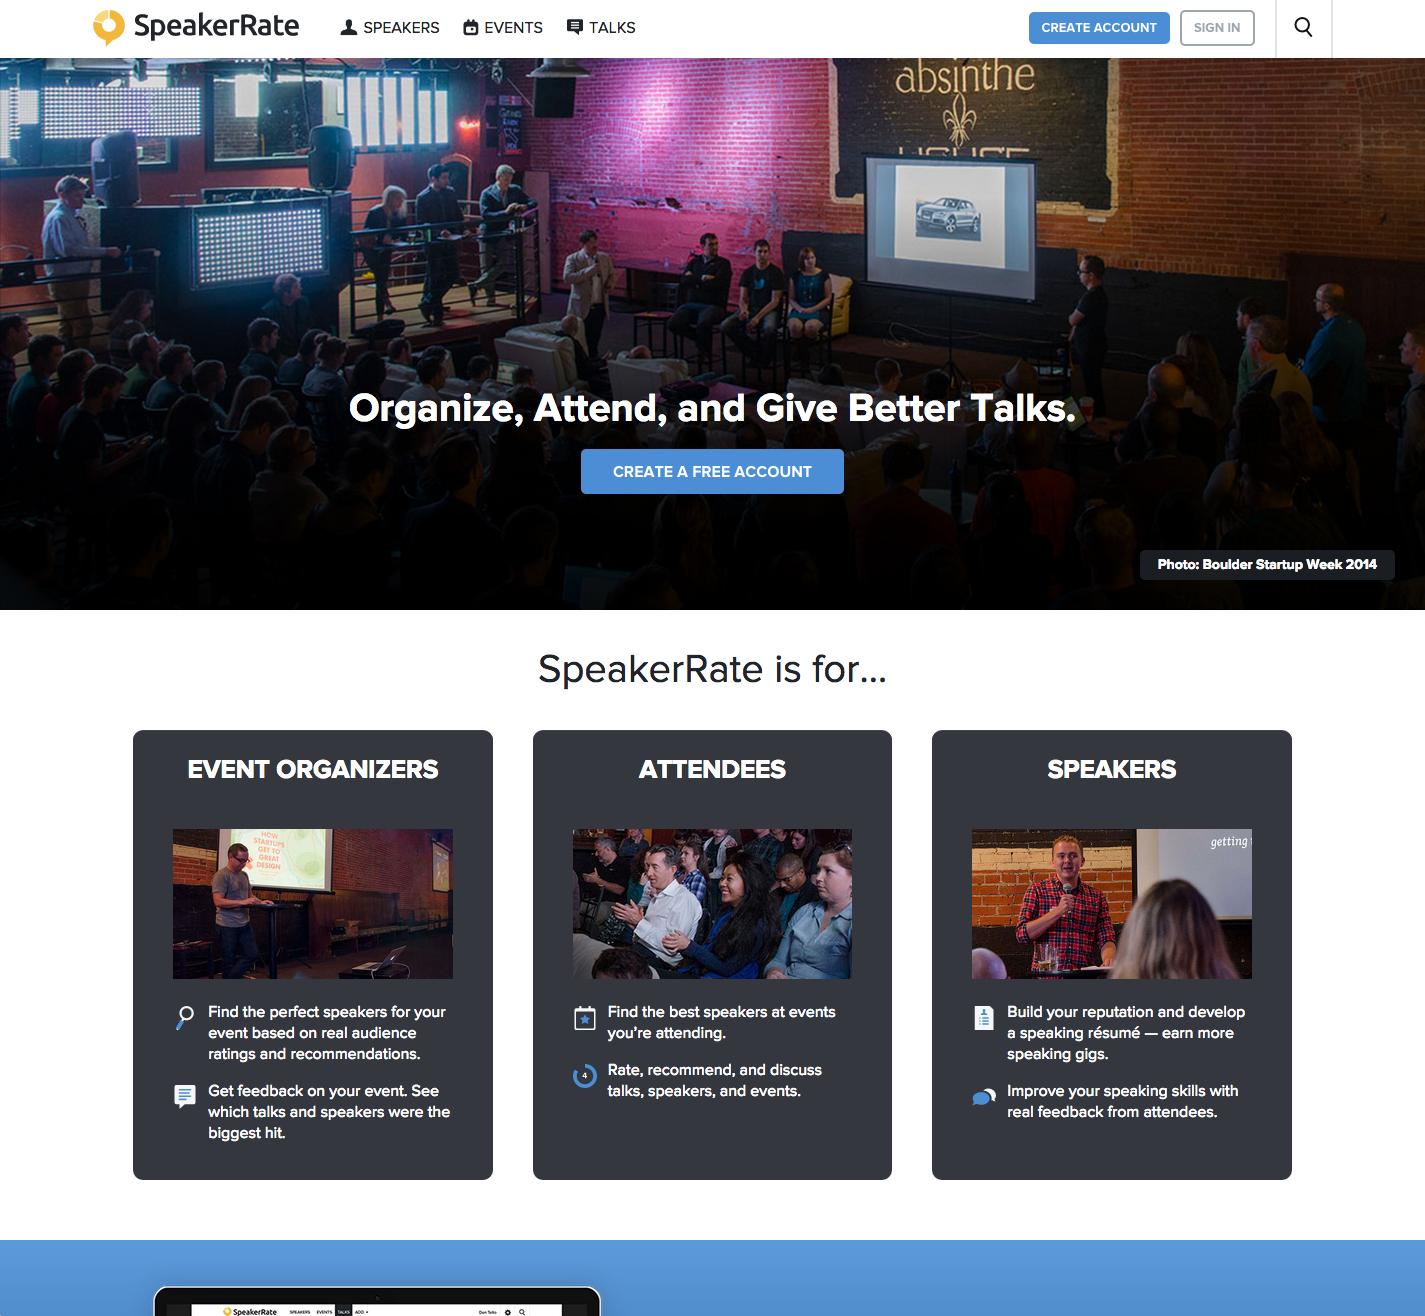 SpeakerRate homepage